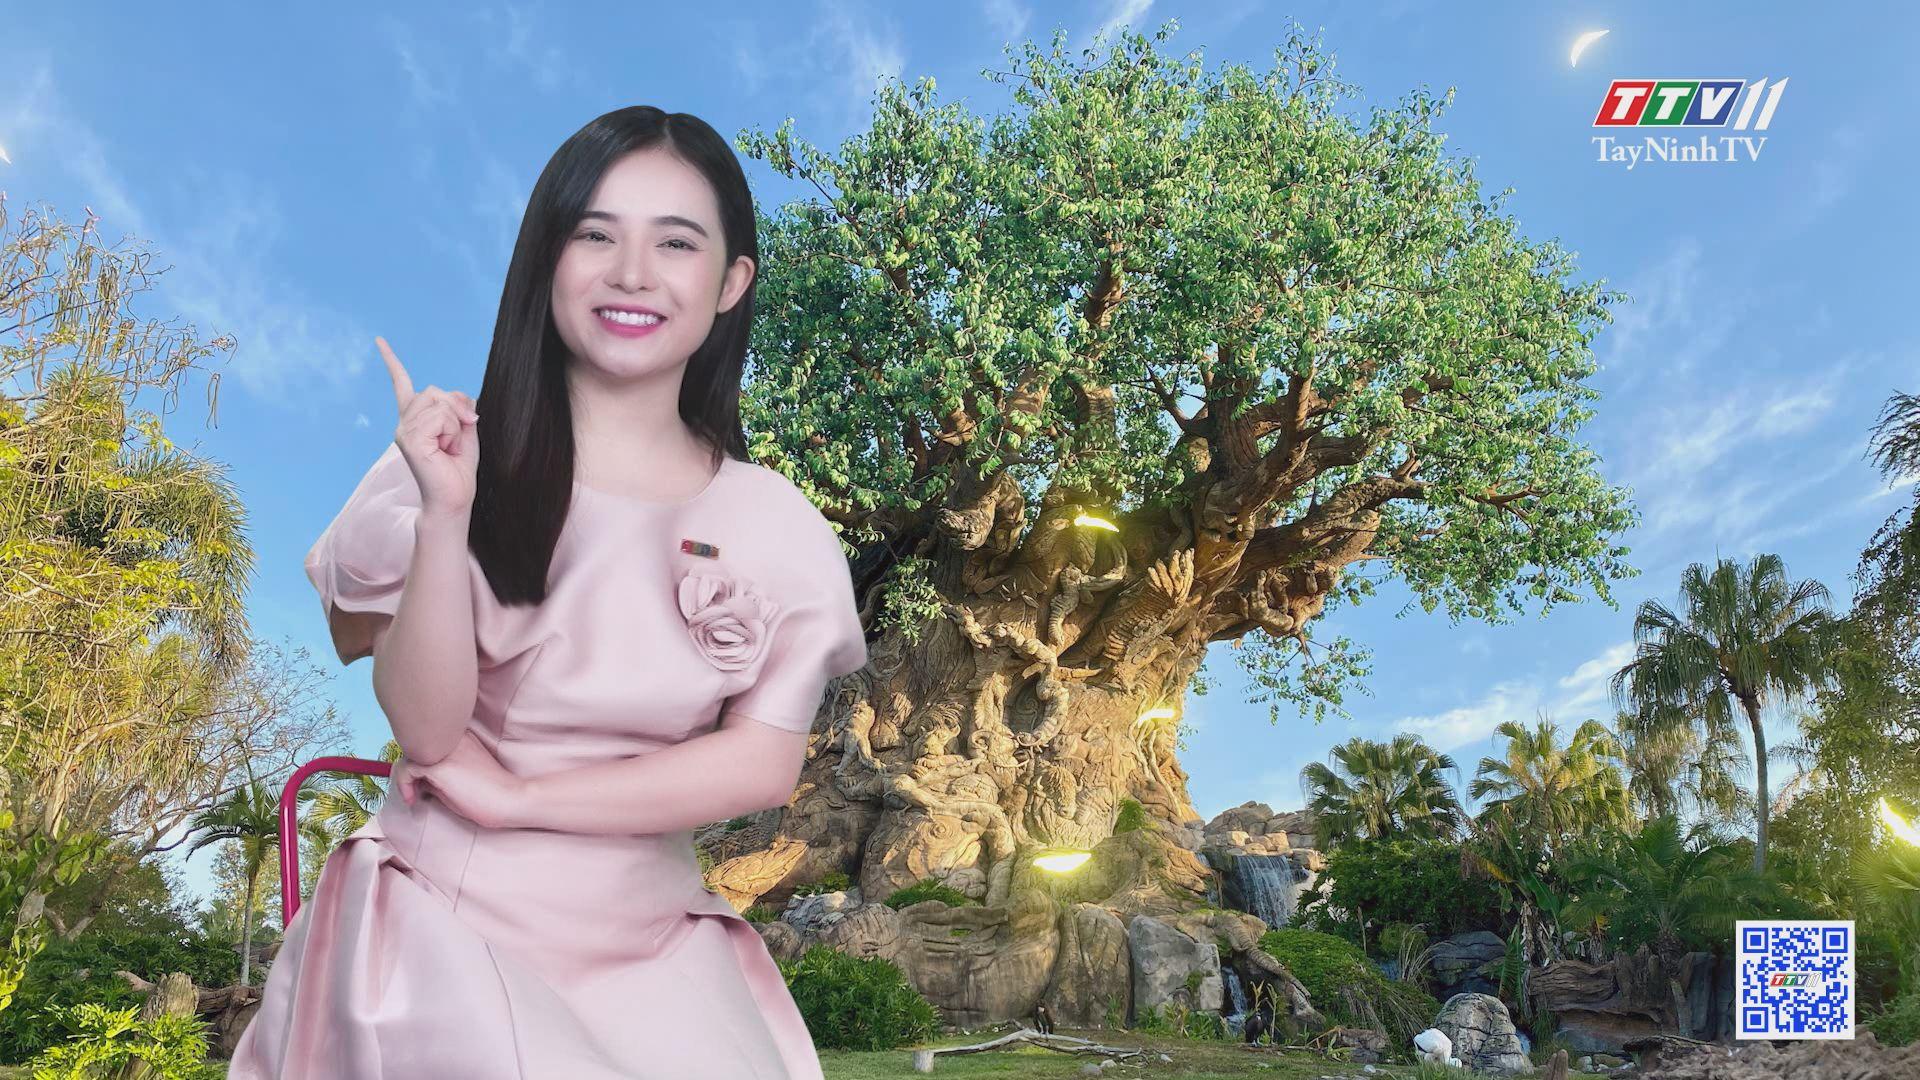 Kỳ lạ cây đại thụ nhân tạo như thật | CHUYỆN ĐÔNG TÂY KỲ THÚ | TayNinhTV